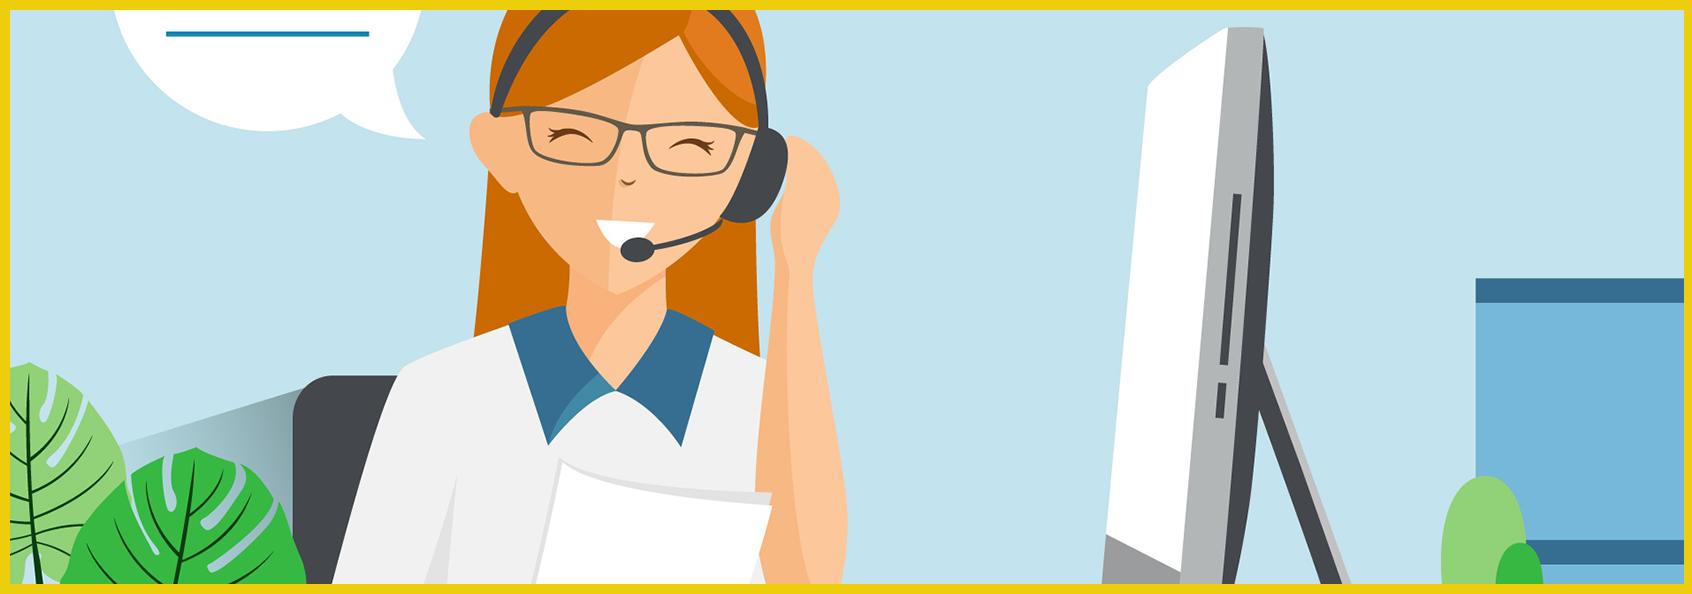 Ortsunabhängiger Job: Virtueller Assistent